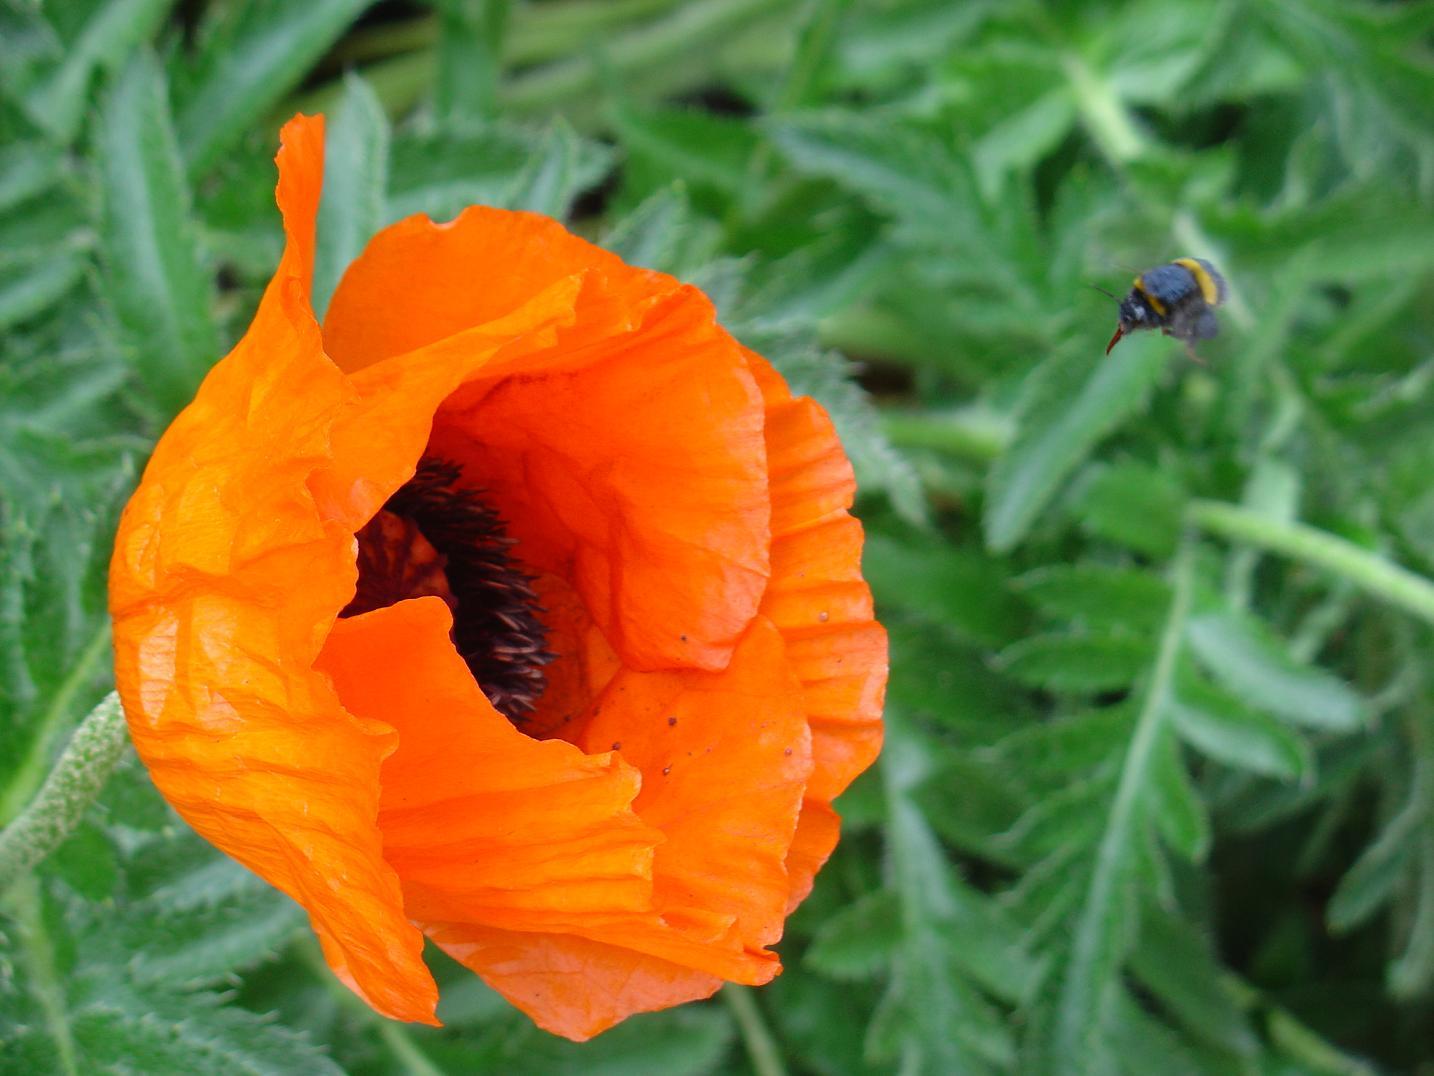 bild mohnblumen blumen bl te insekten von doris abel bei kunstnet. Black Bedroom Furniture Sets. Home Design Ideas